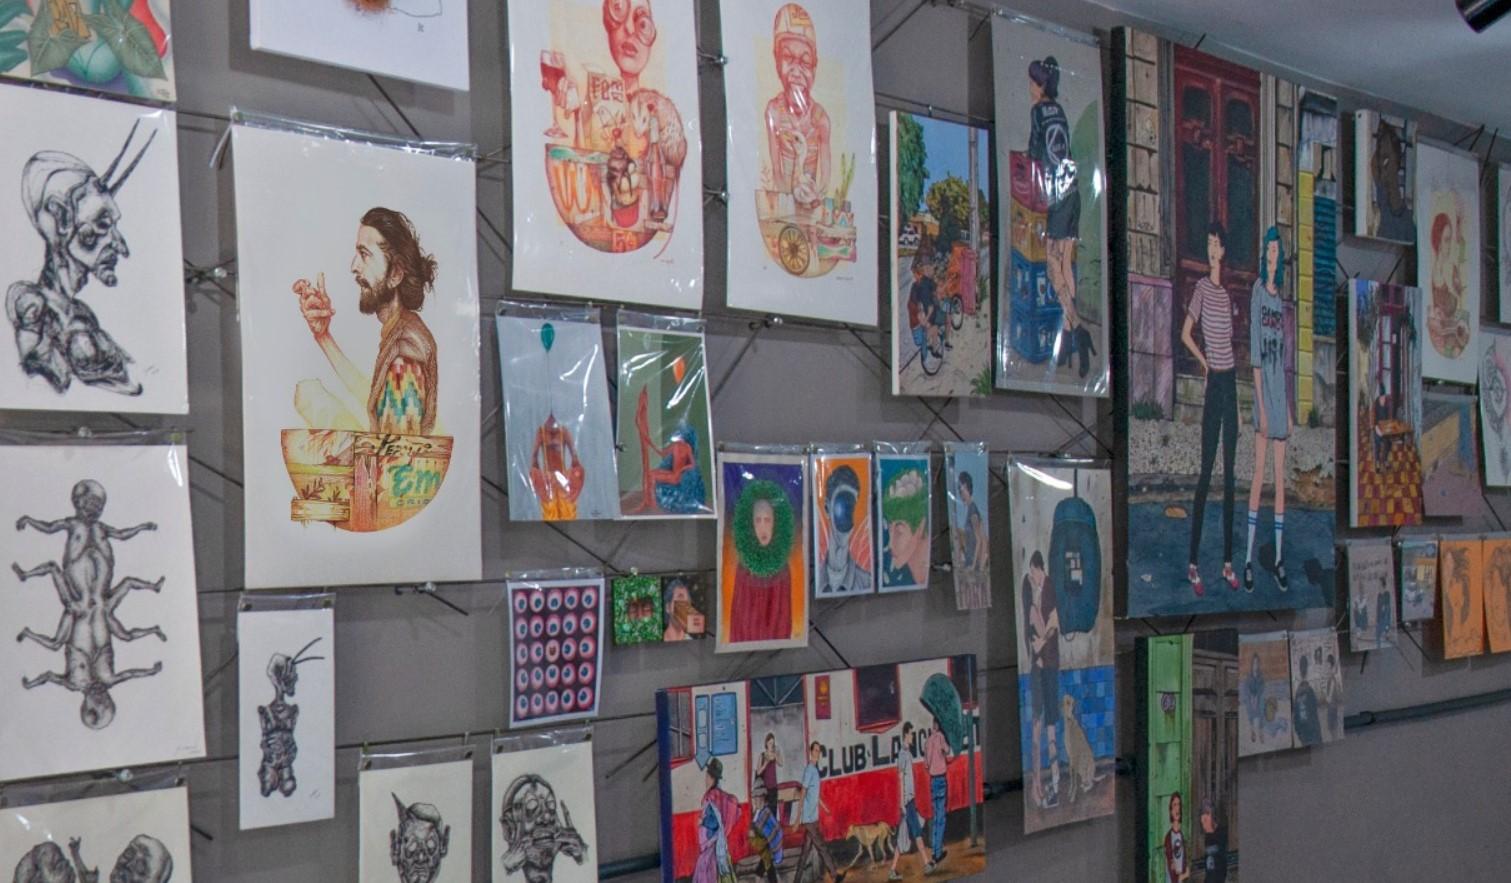 Galeria em Goiânia